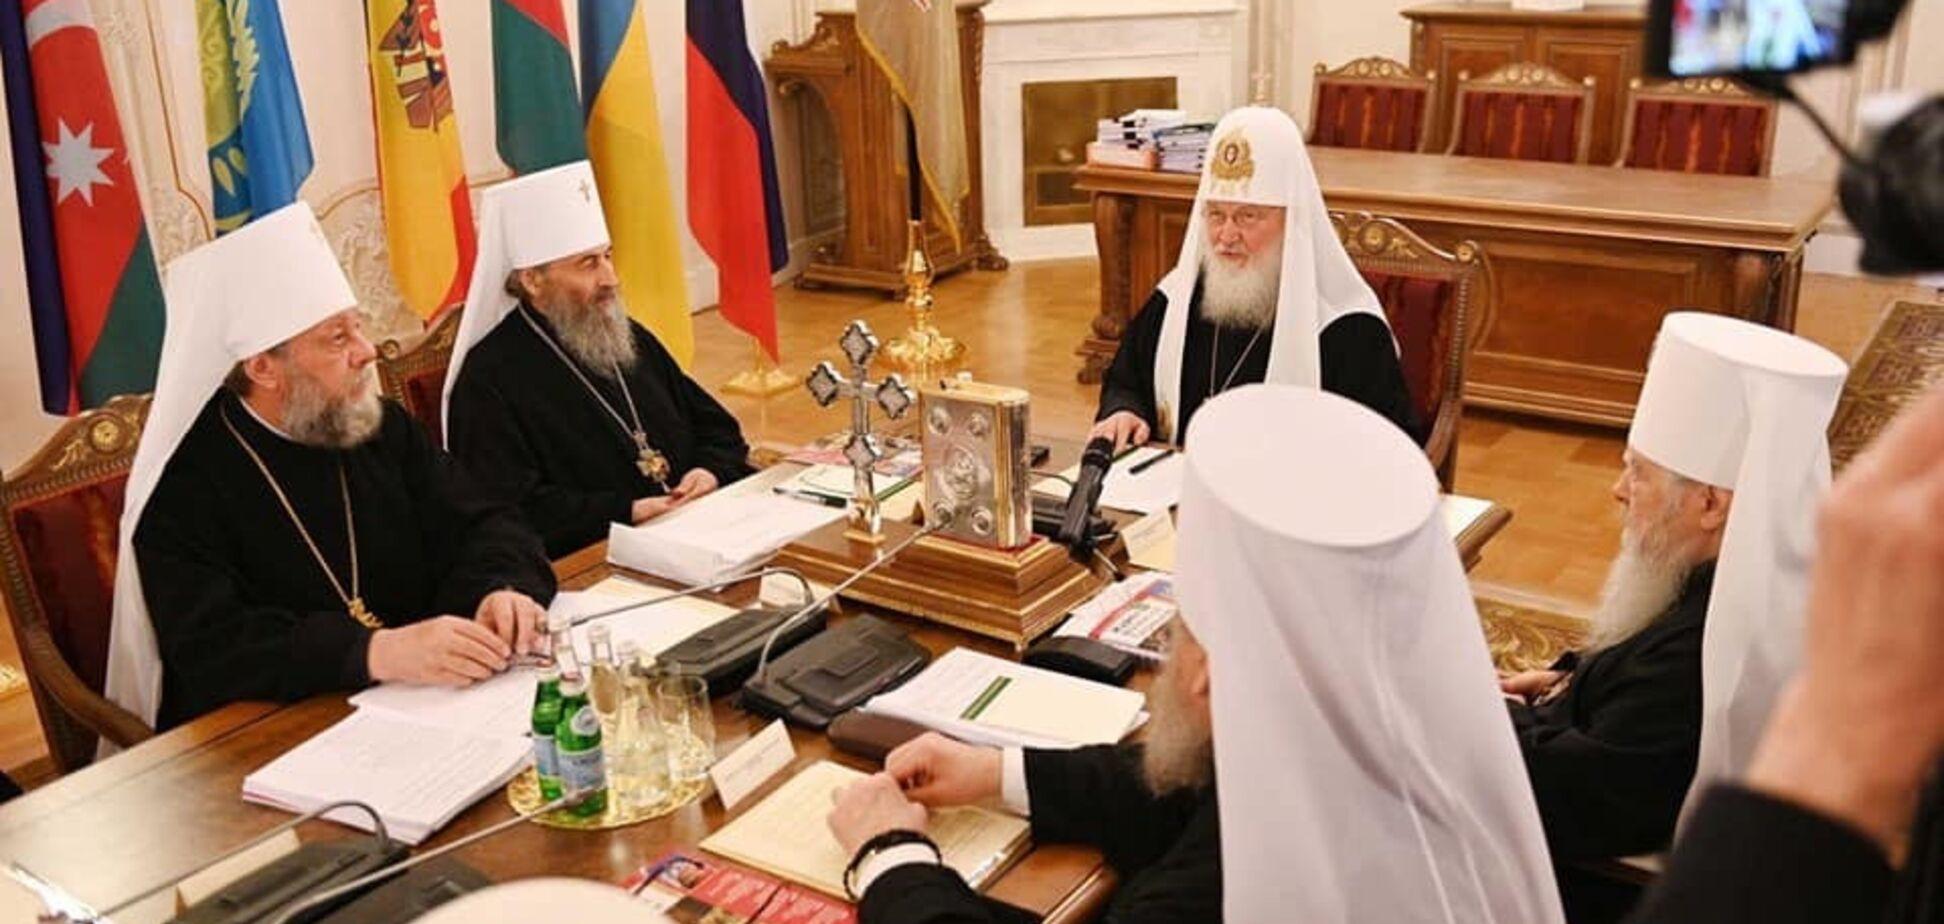 Глава РПЦ в Україні 'засвітився' на синоді в Росії: фото